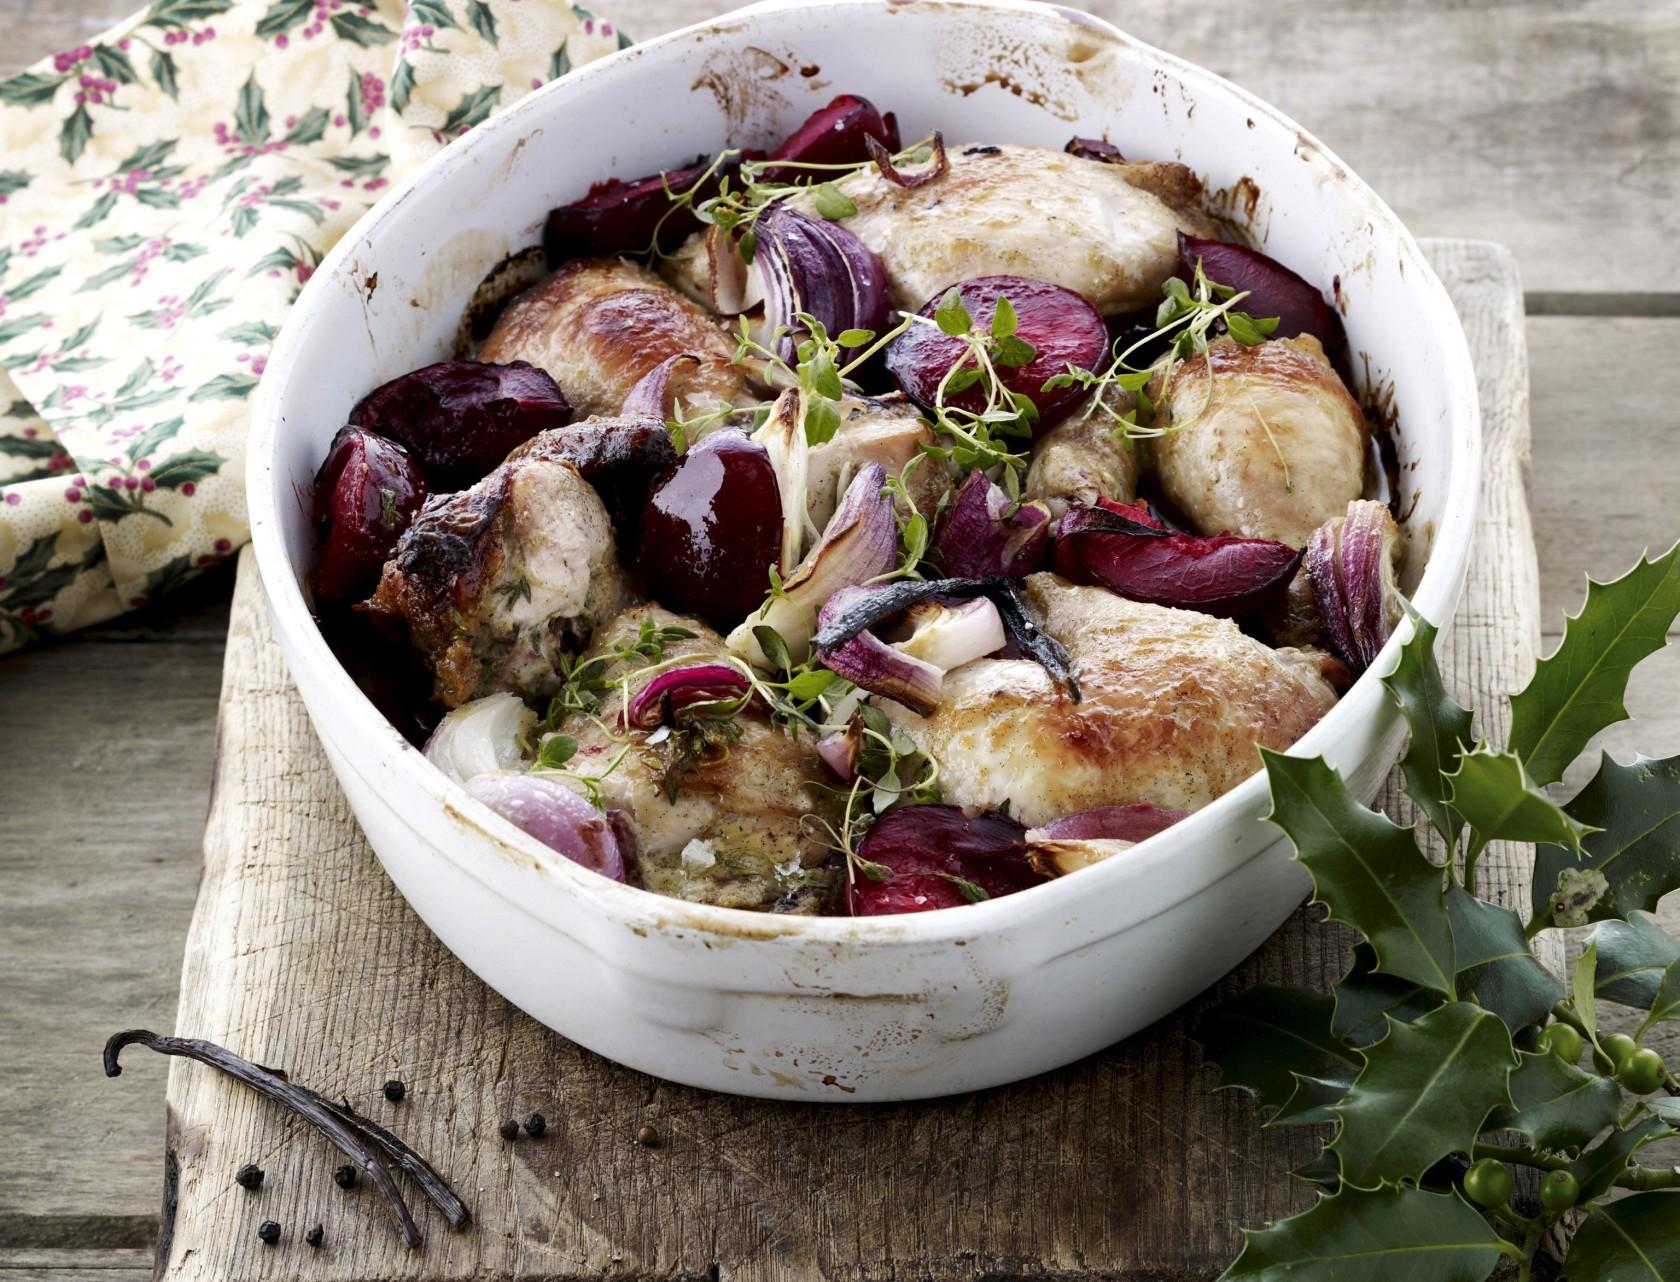 Kylling med sennep i ovn - nem og smagfuld opskrift!